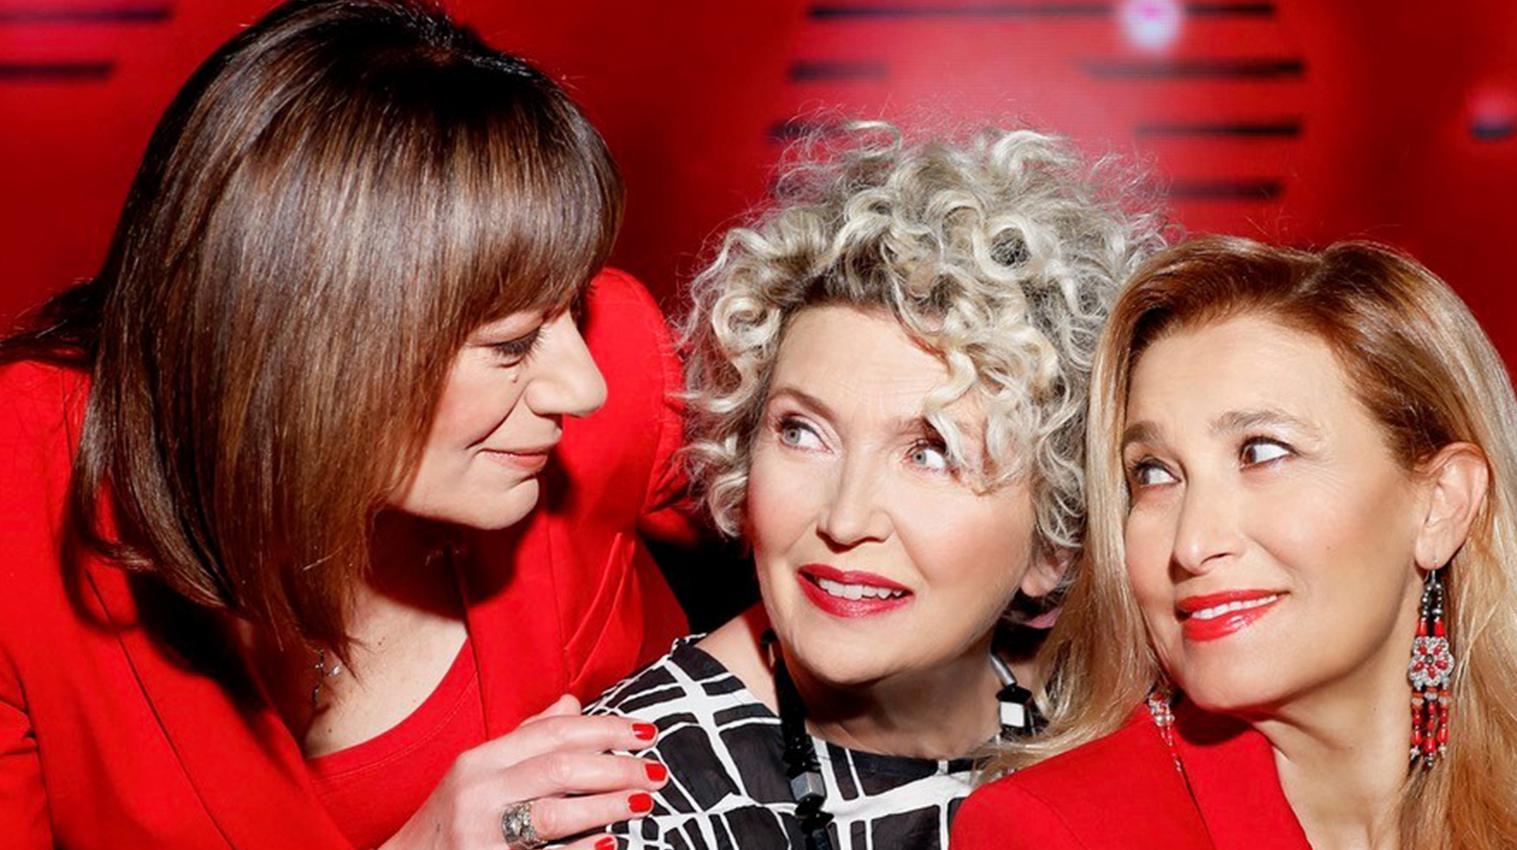 Musica Italiana, Concerti. Grazia Di Michele, Mariella Nava e Rossana Casale insieme per un mini-tour dall'anima jazz